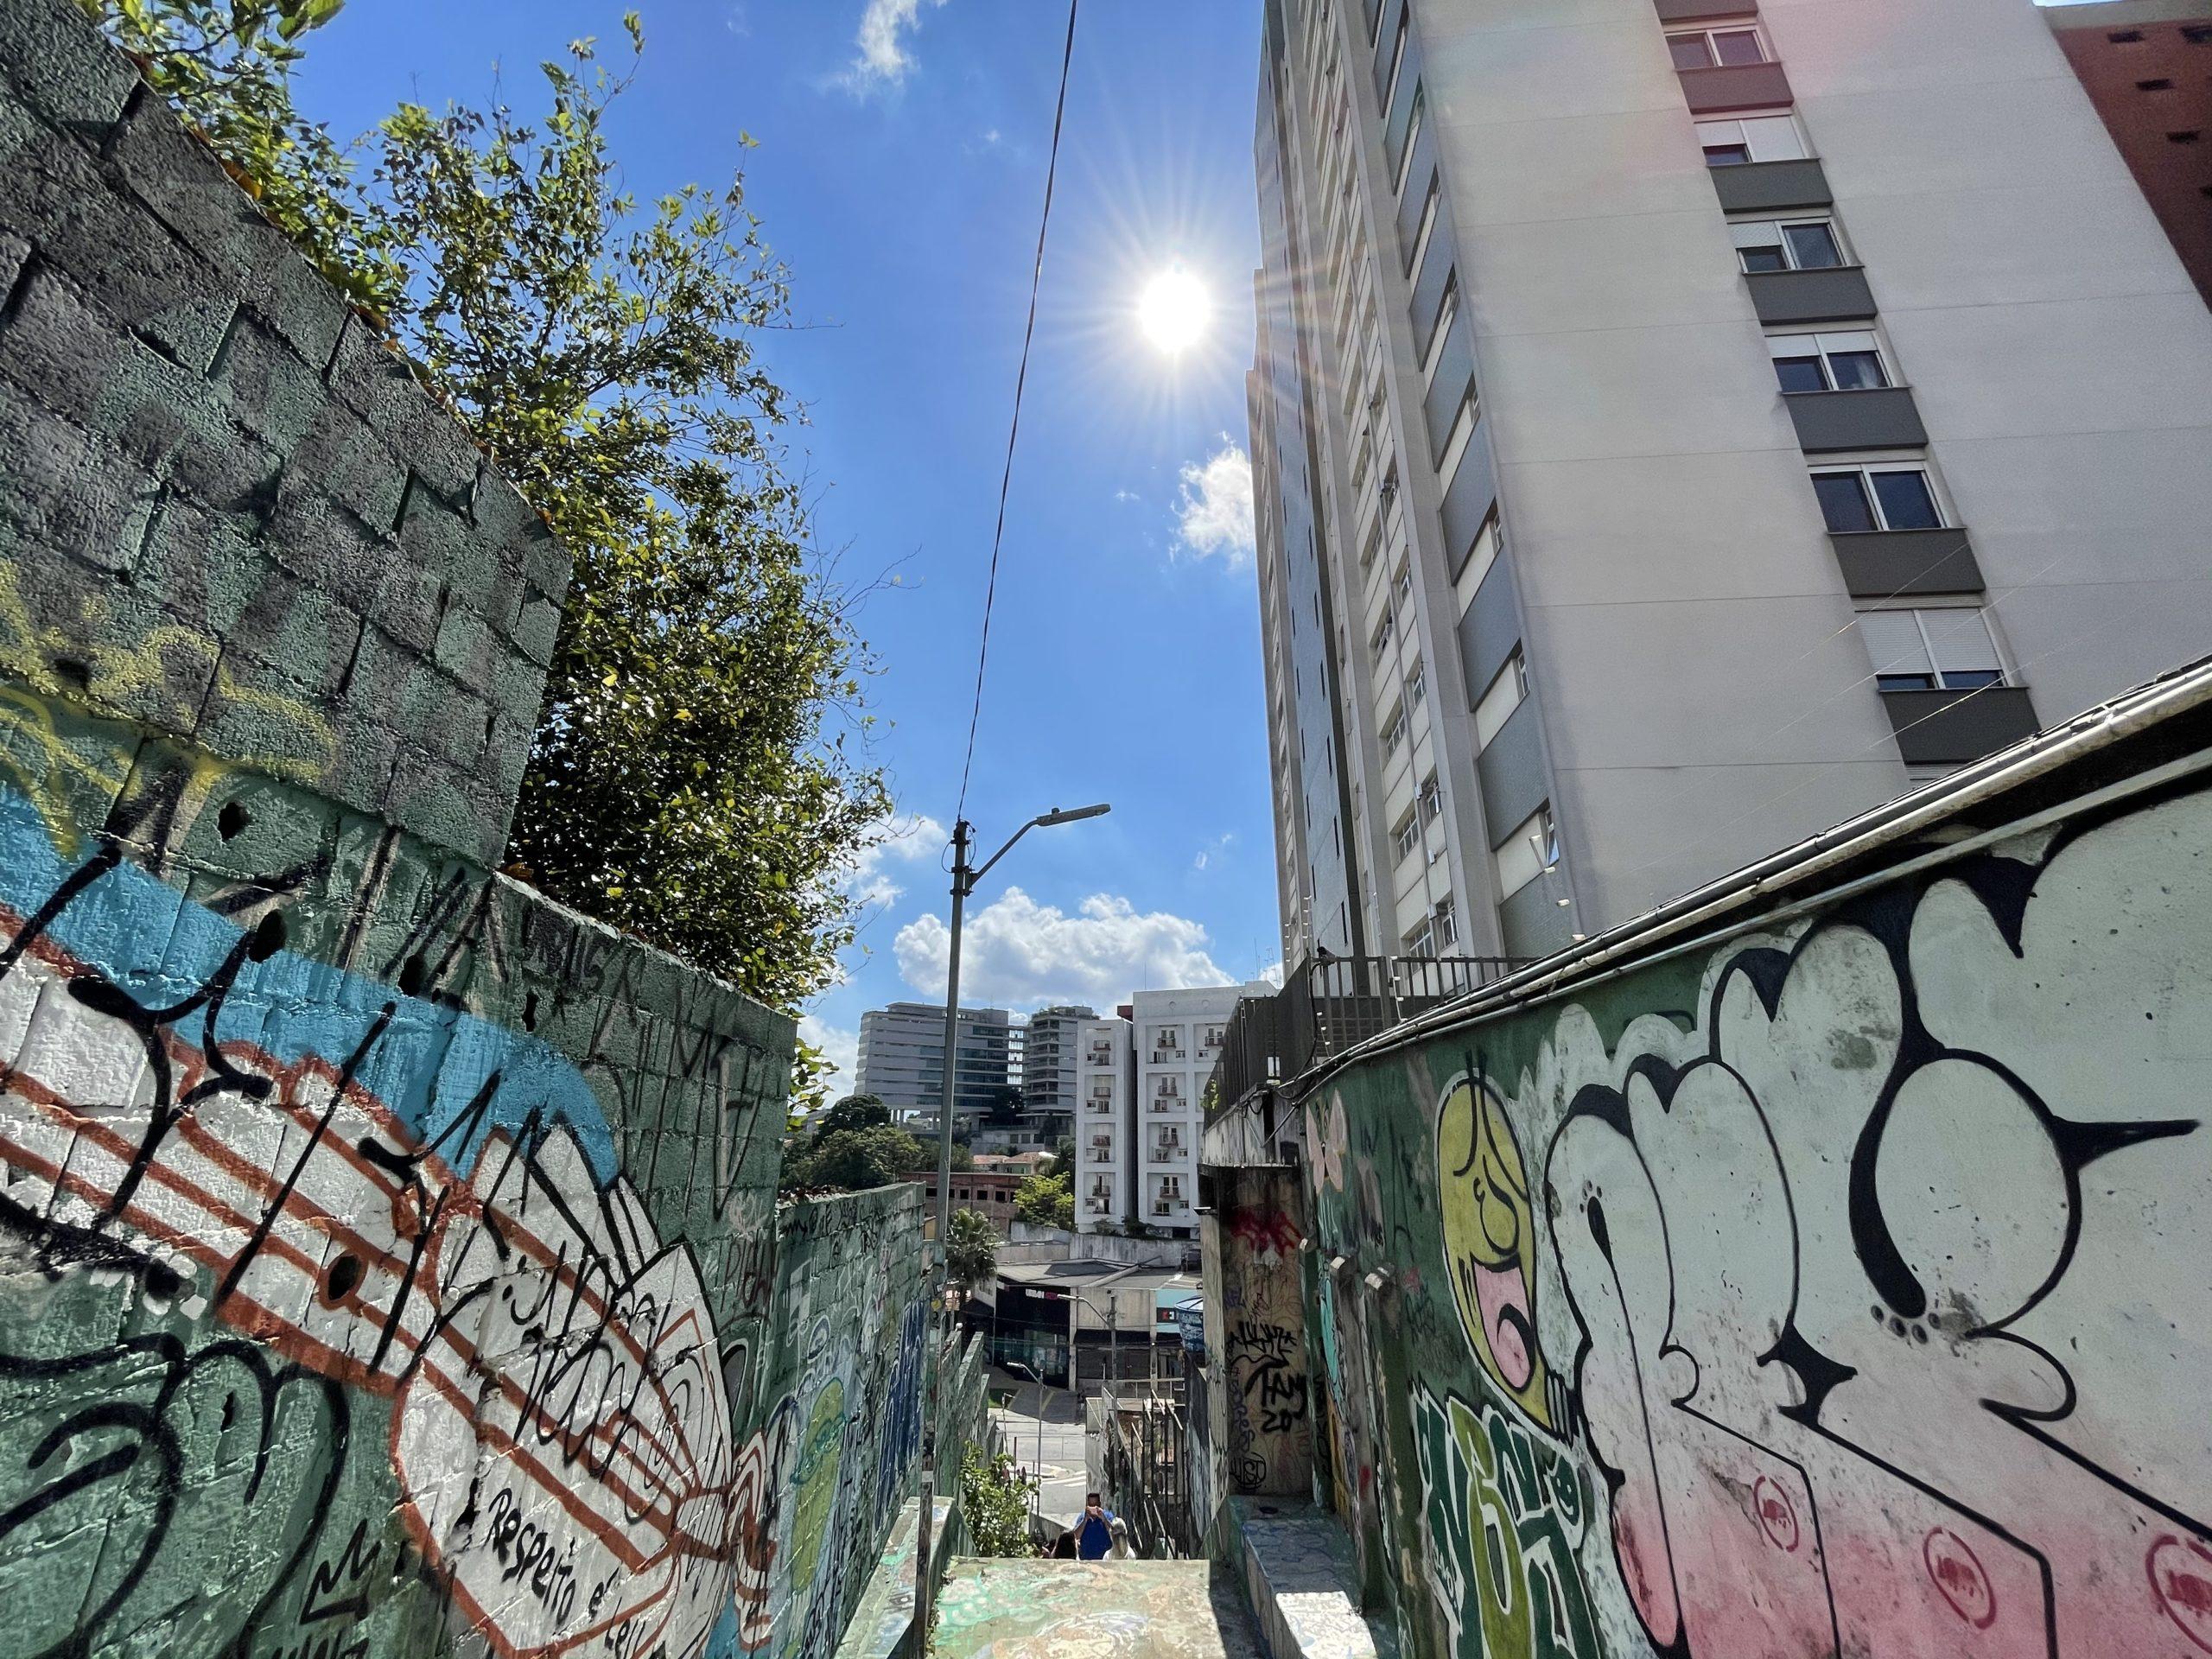 Foto tirada com a câmera ultrawide do iPhone 12 (Imagem: Darlan Helder/Tecnoblog)